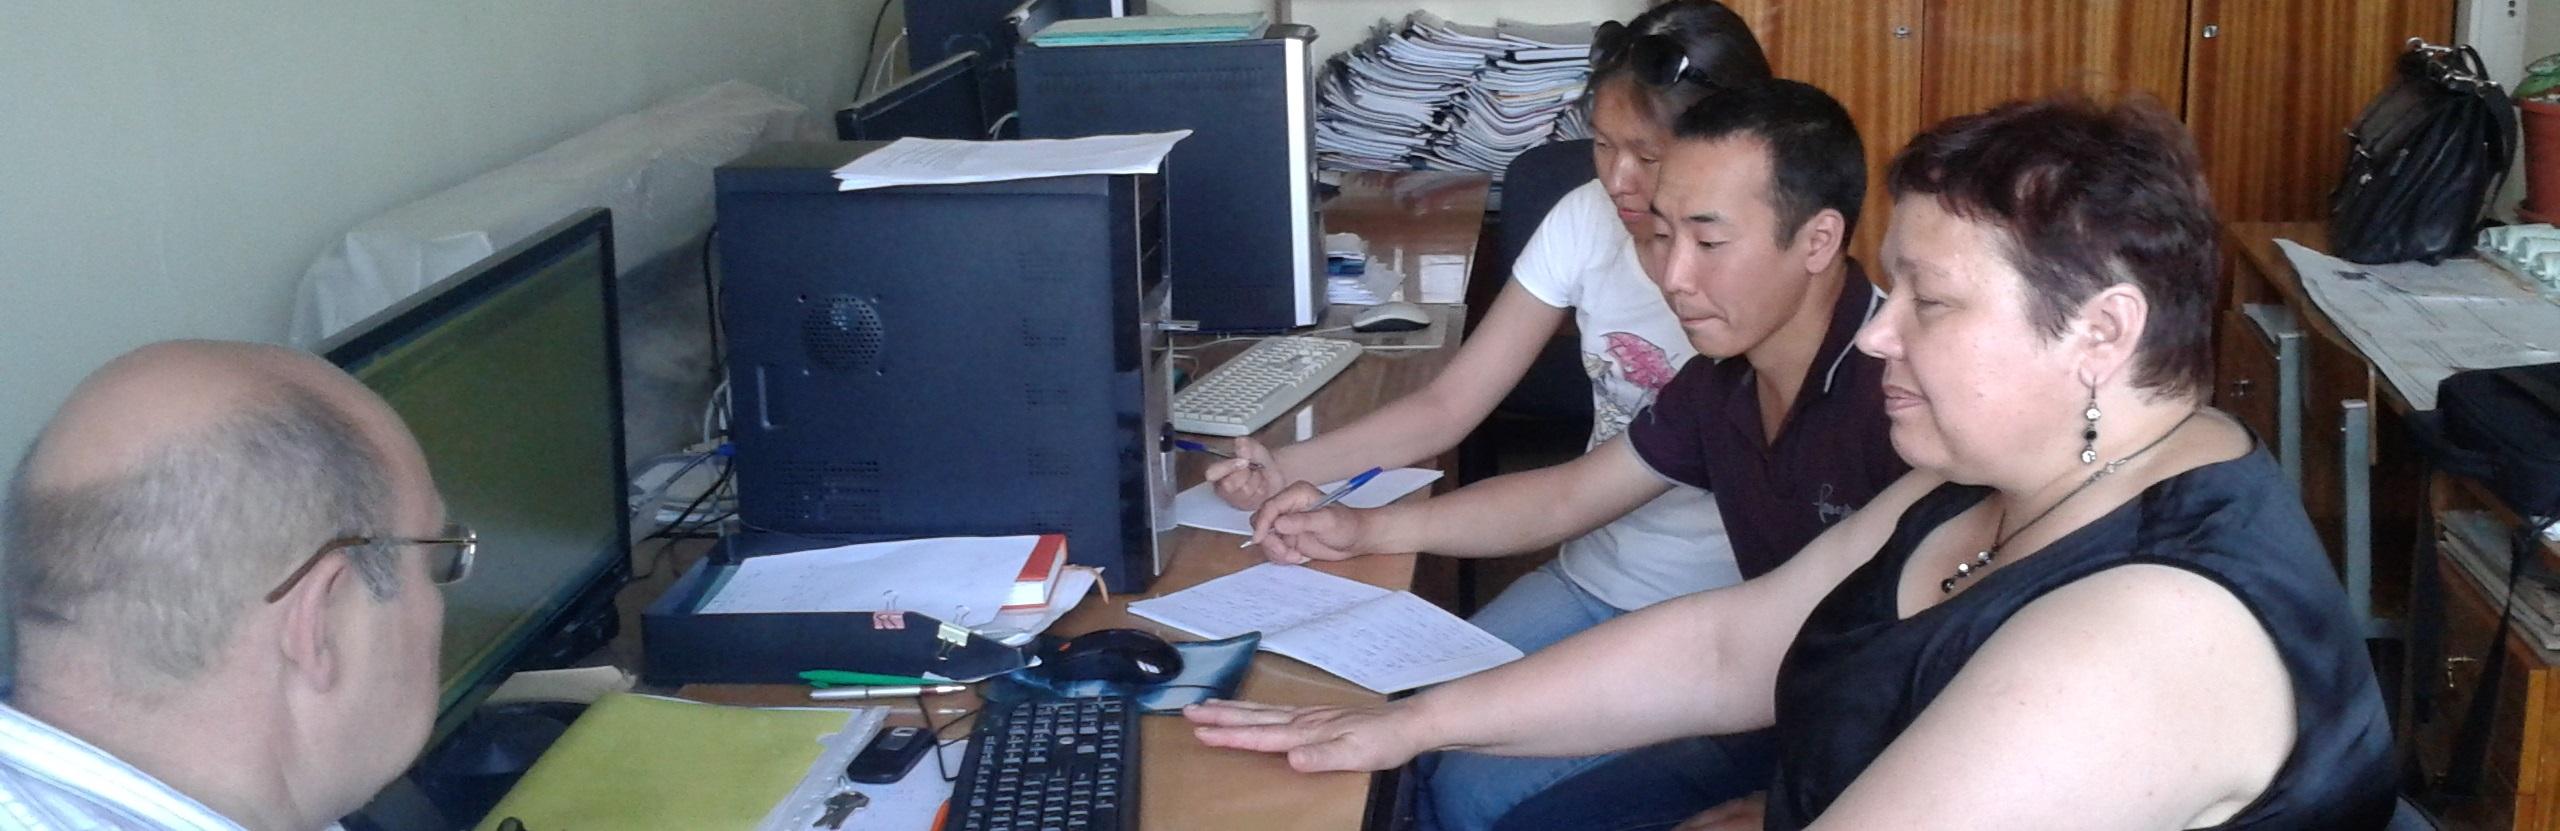 Лаборатория сотрудничает с организациями реального сектора экономики – с муниципальным казенным учреждением «Служба эксплуатации городского хозяйства» ГО «Город Якутск»